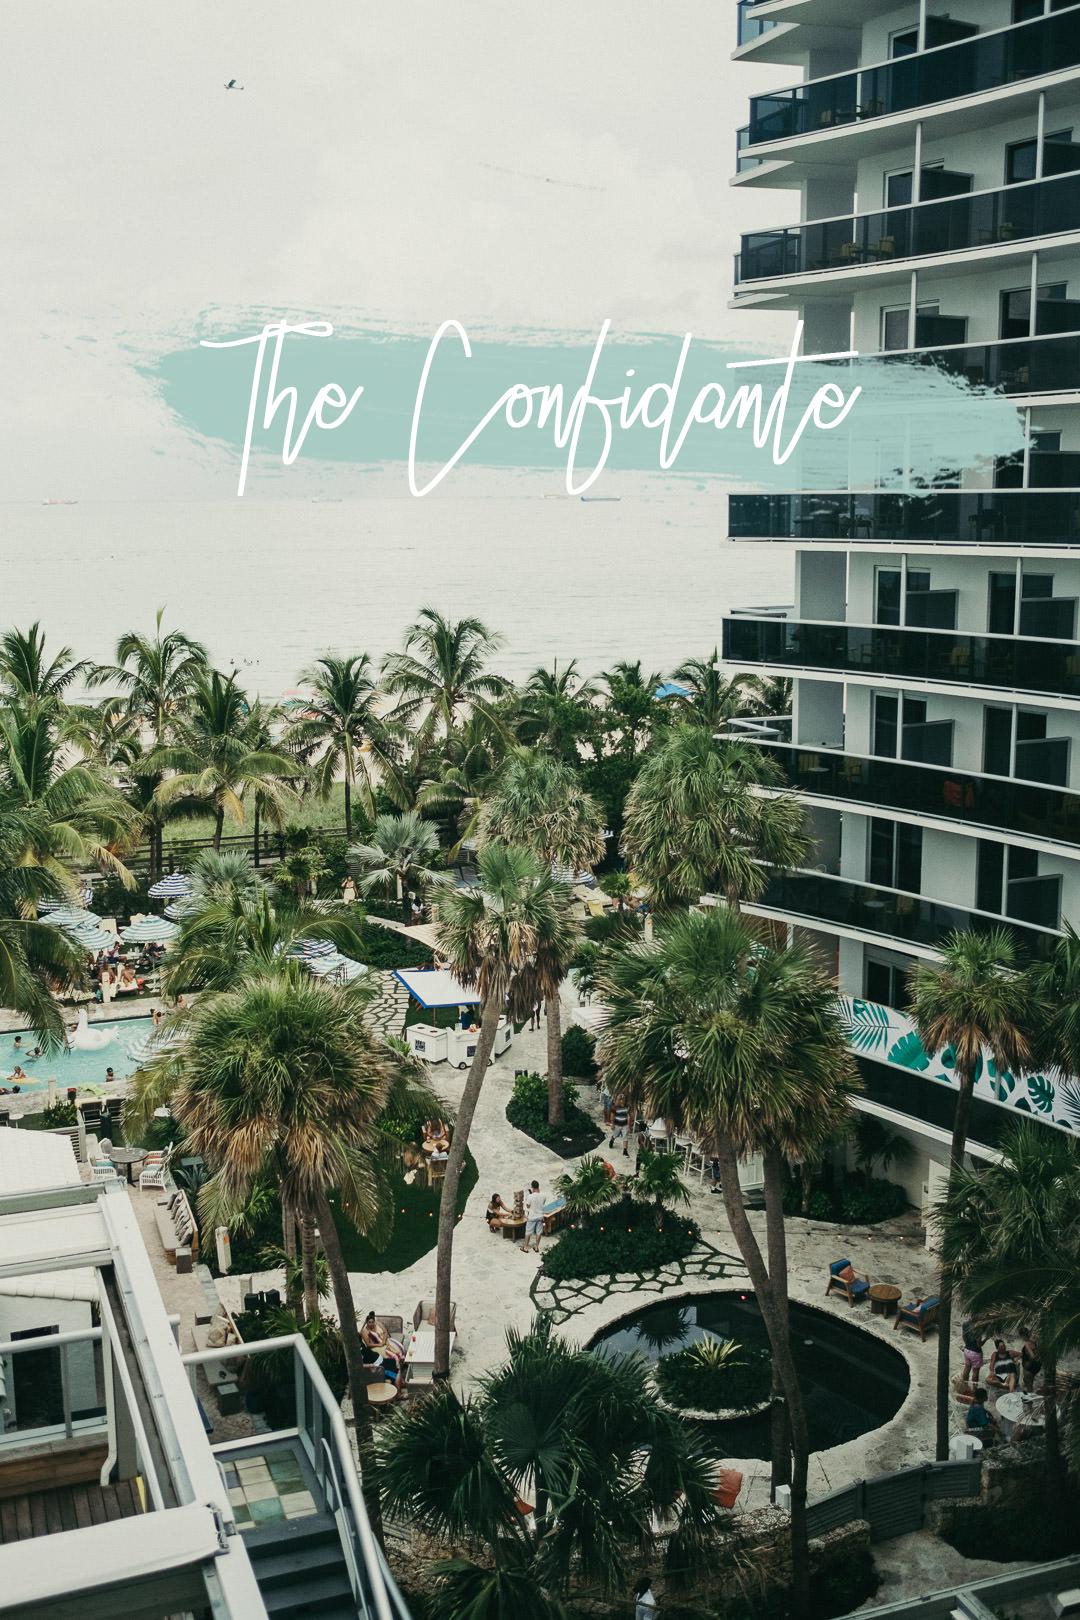 The Best Hotel Miami Beach - The Confidante - Ali Happer Photo_1copy.jpg